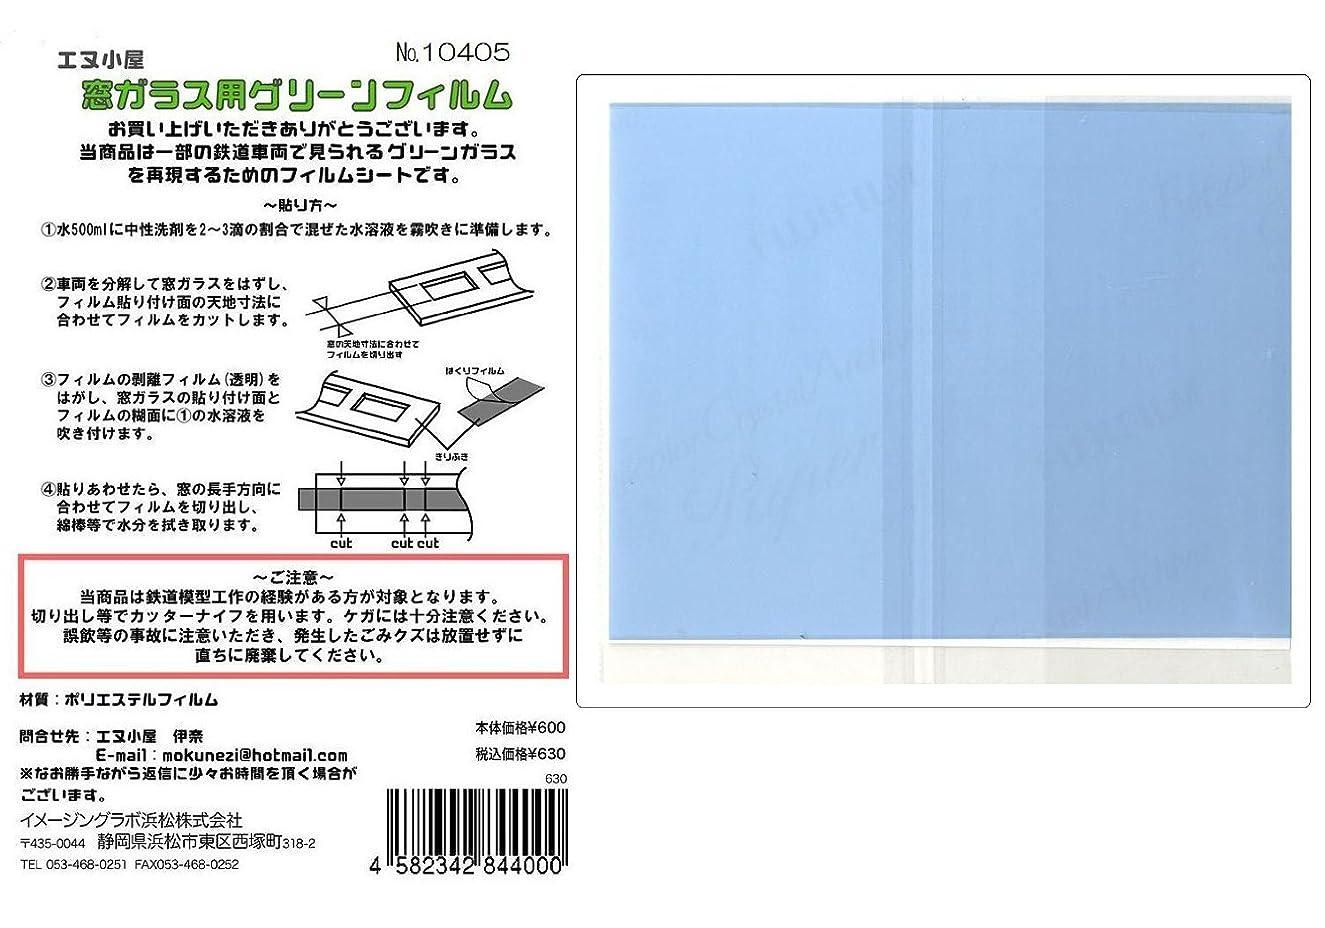 不愉快神経障害区別エヌ小屋 Nゲージ 10405 窓ガラス用薄いブルーフィルム